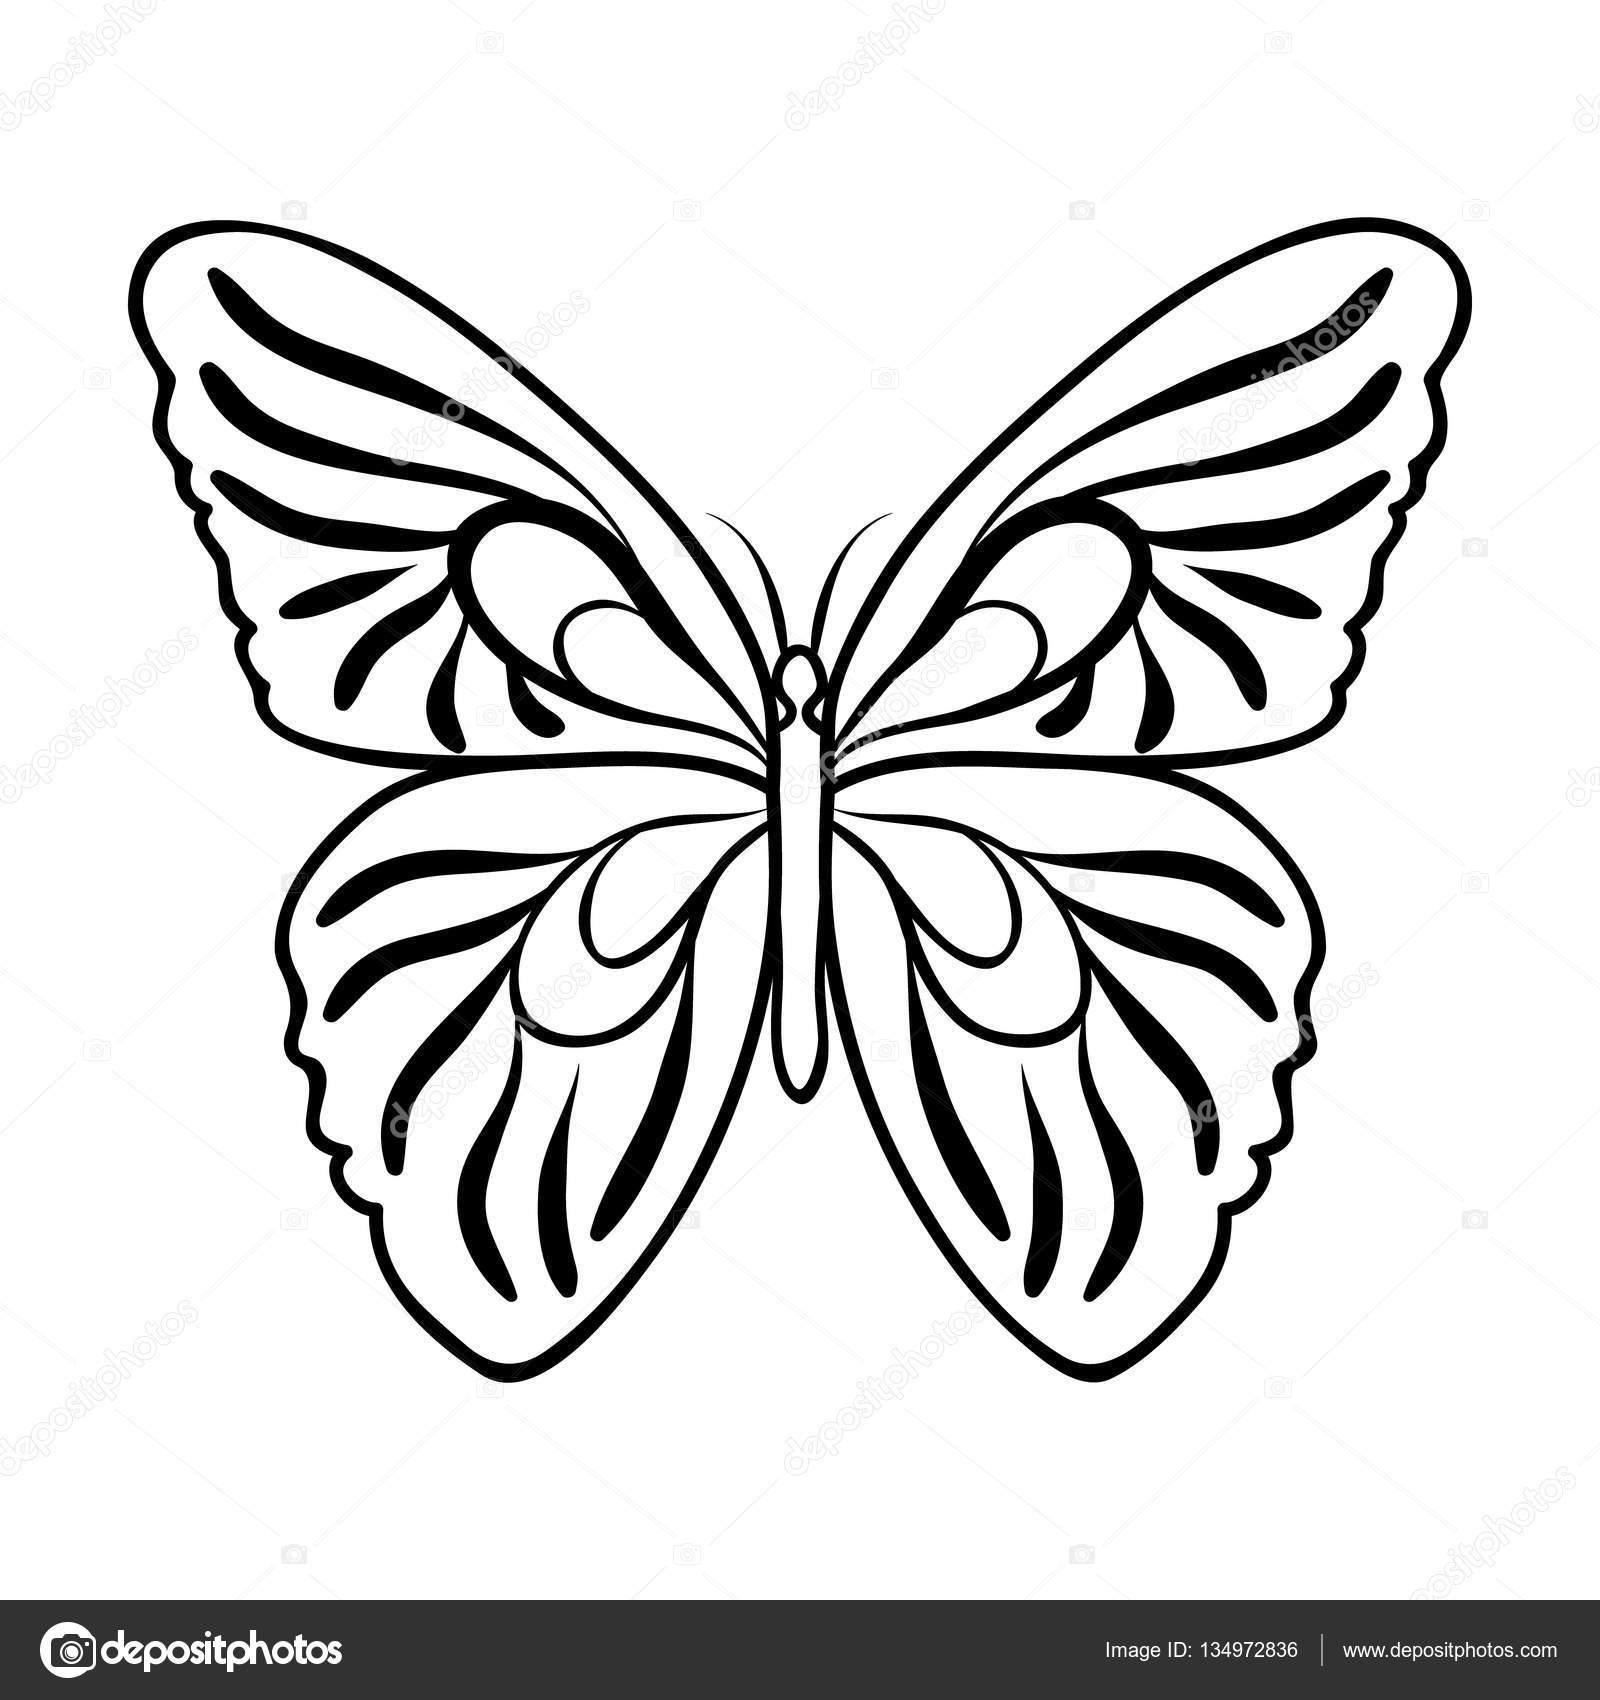 Icono de mariposa contorno estilo aislado sobre fondo blanco ...